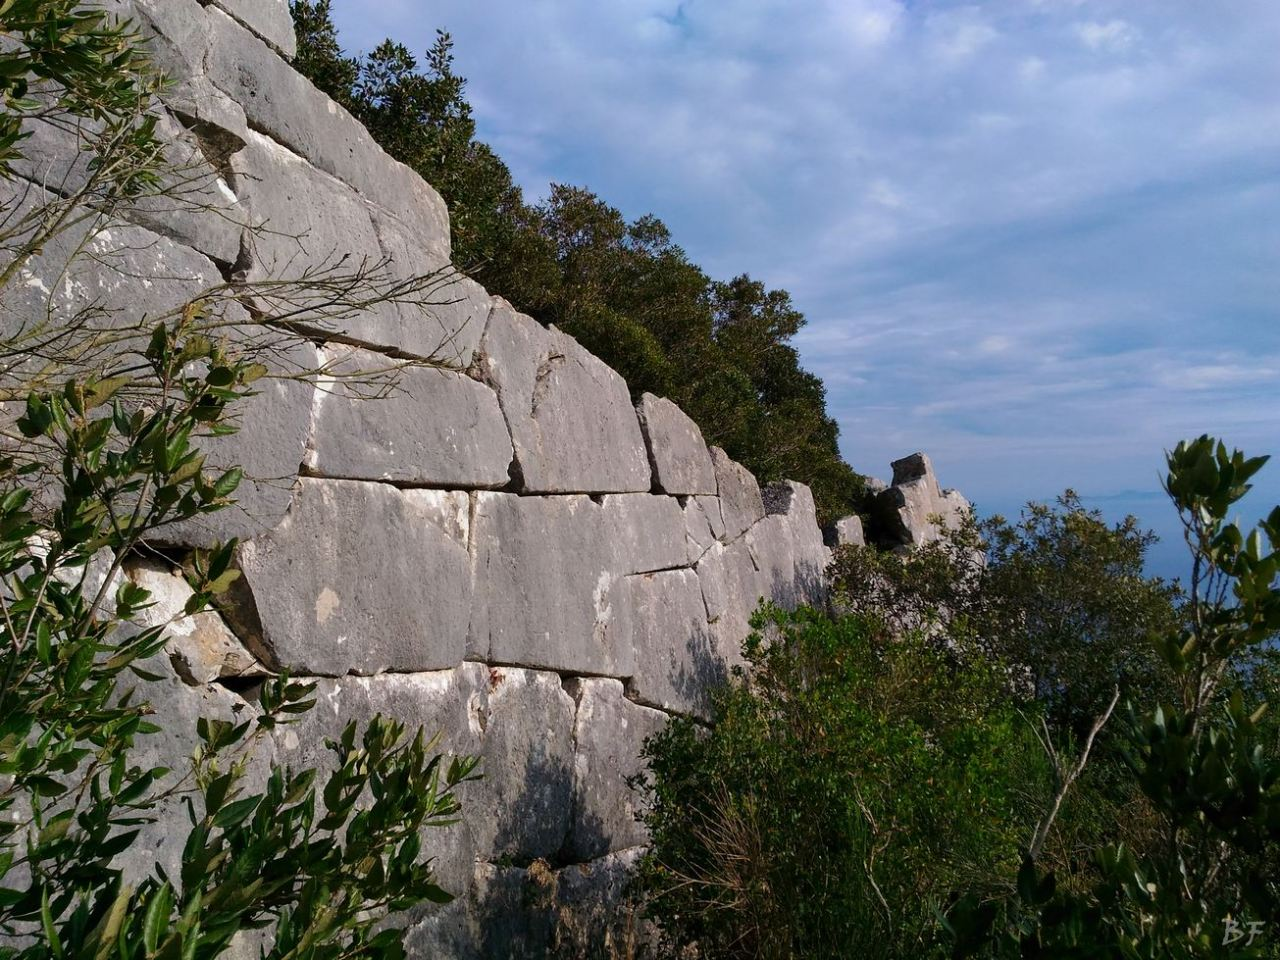 Circeii-Mura-Megalitiche-Poligonali-Latina-Lazio-Italia-3